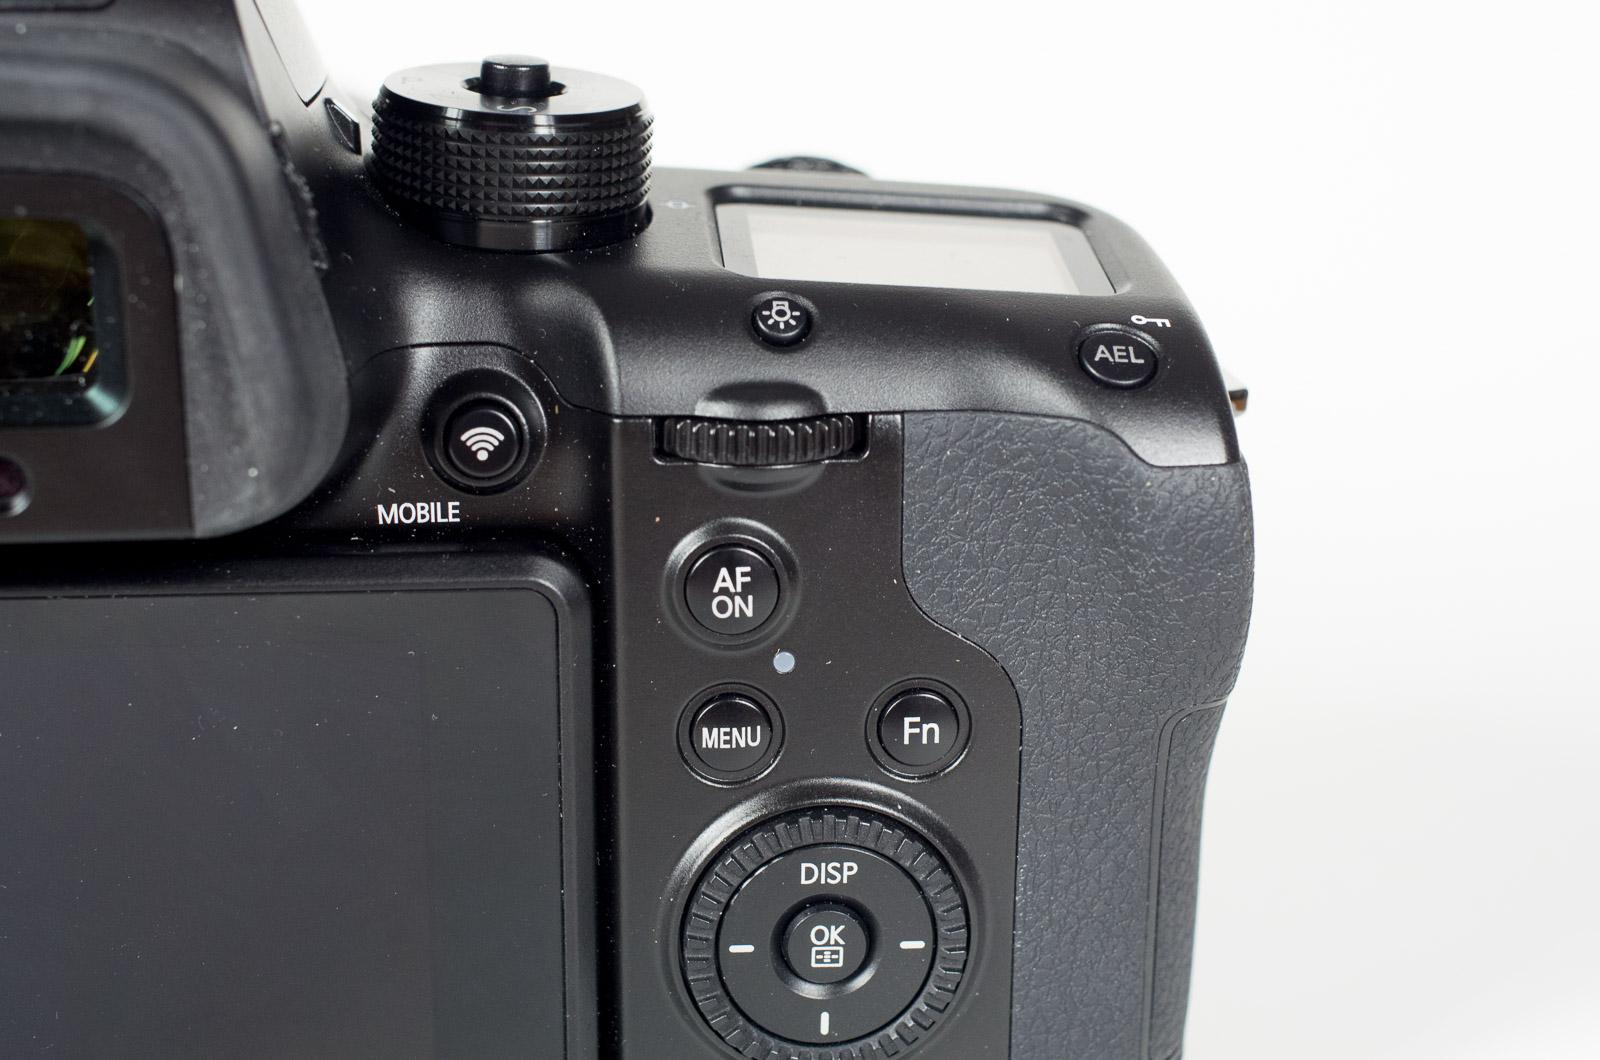 Test Samsung NX1: Profikamera oder nicht - Samsung muss noch viel lernen - Die wichtigsten Bedienelemente sind rechts neben dem Display  (Bild: Andreas Donath)